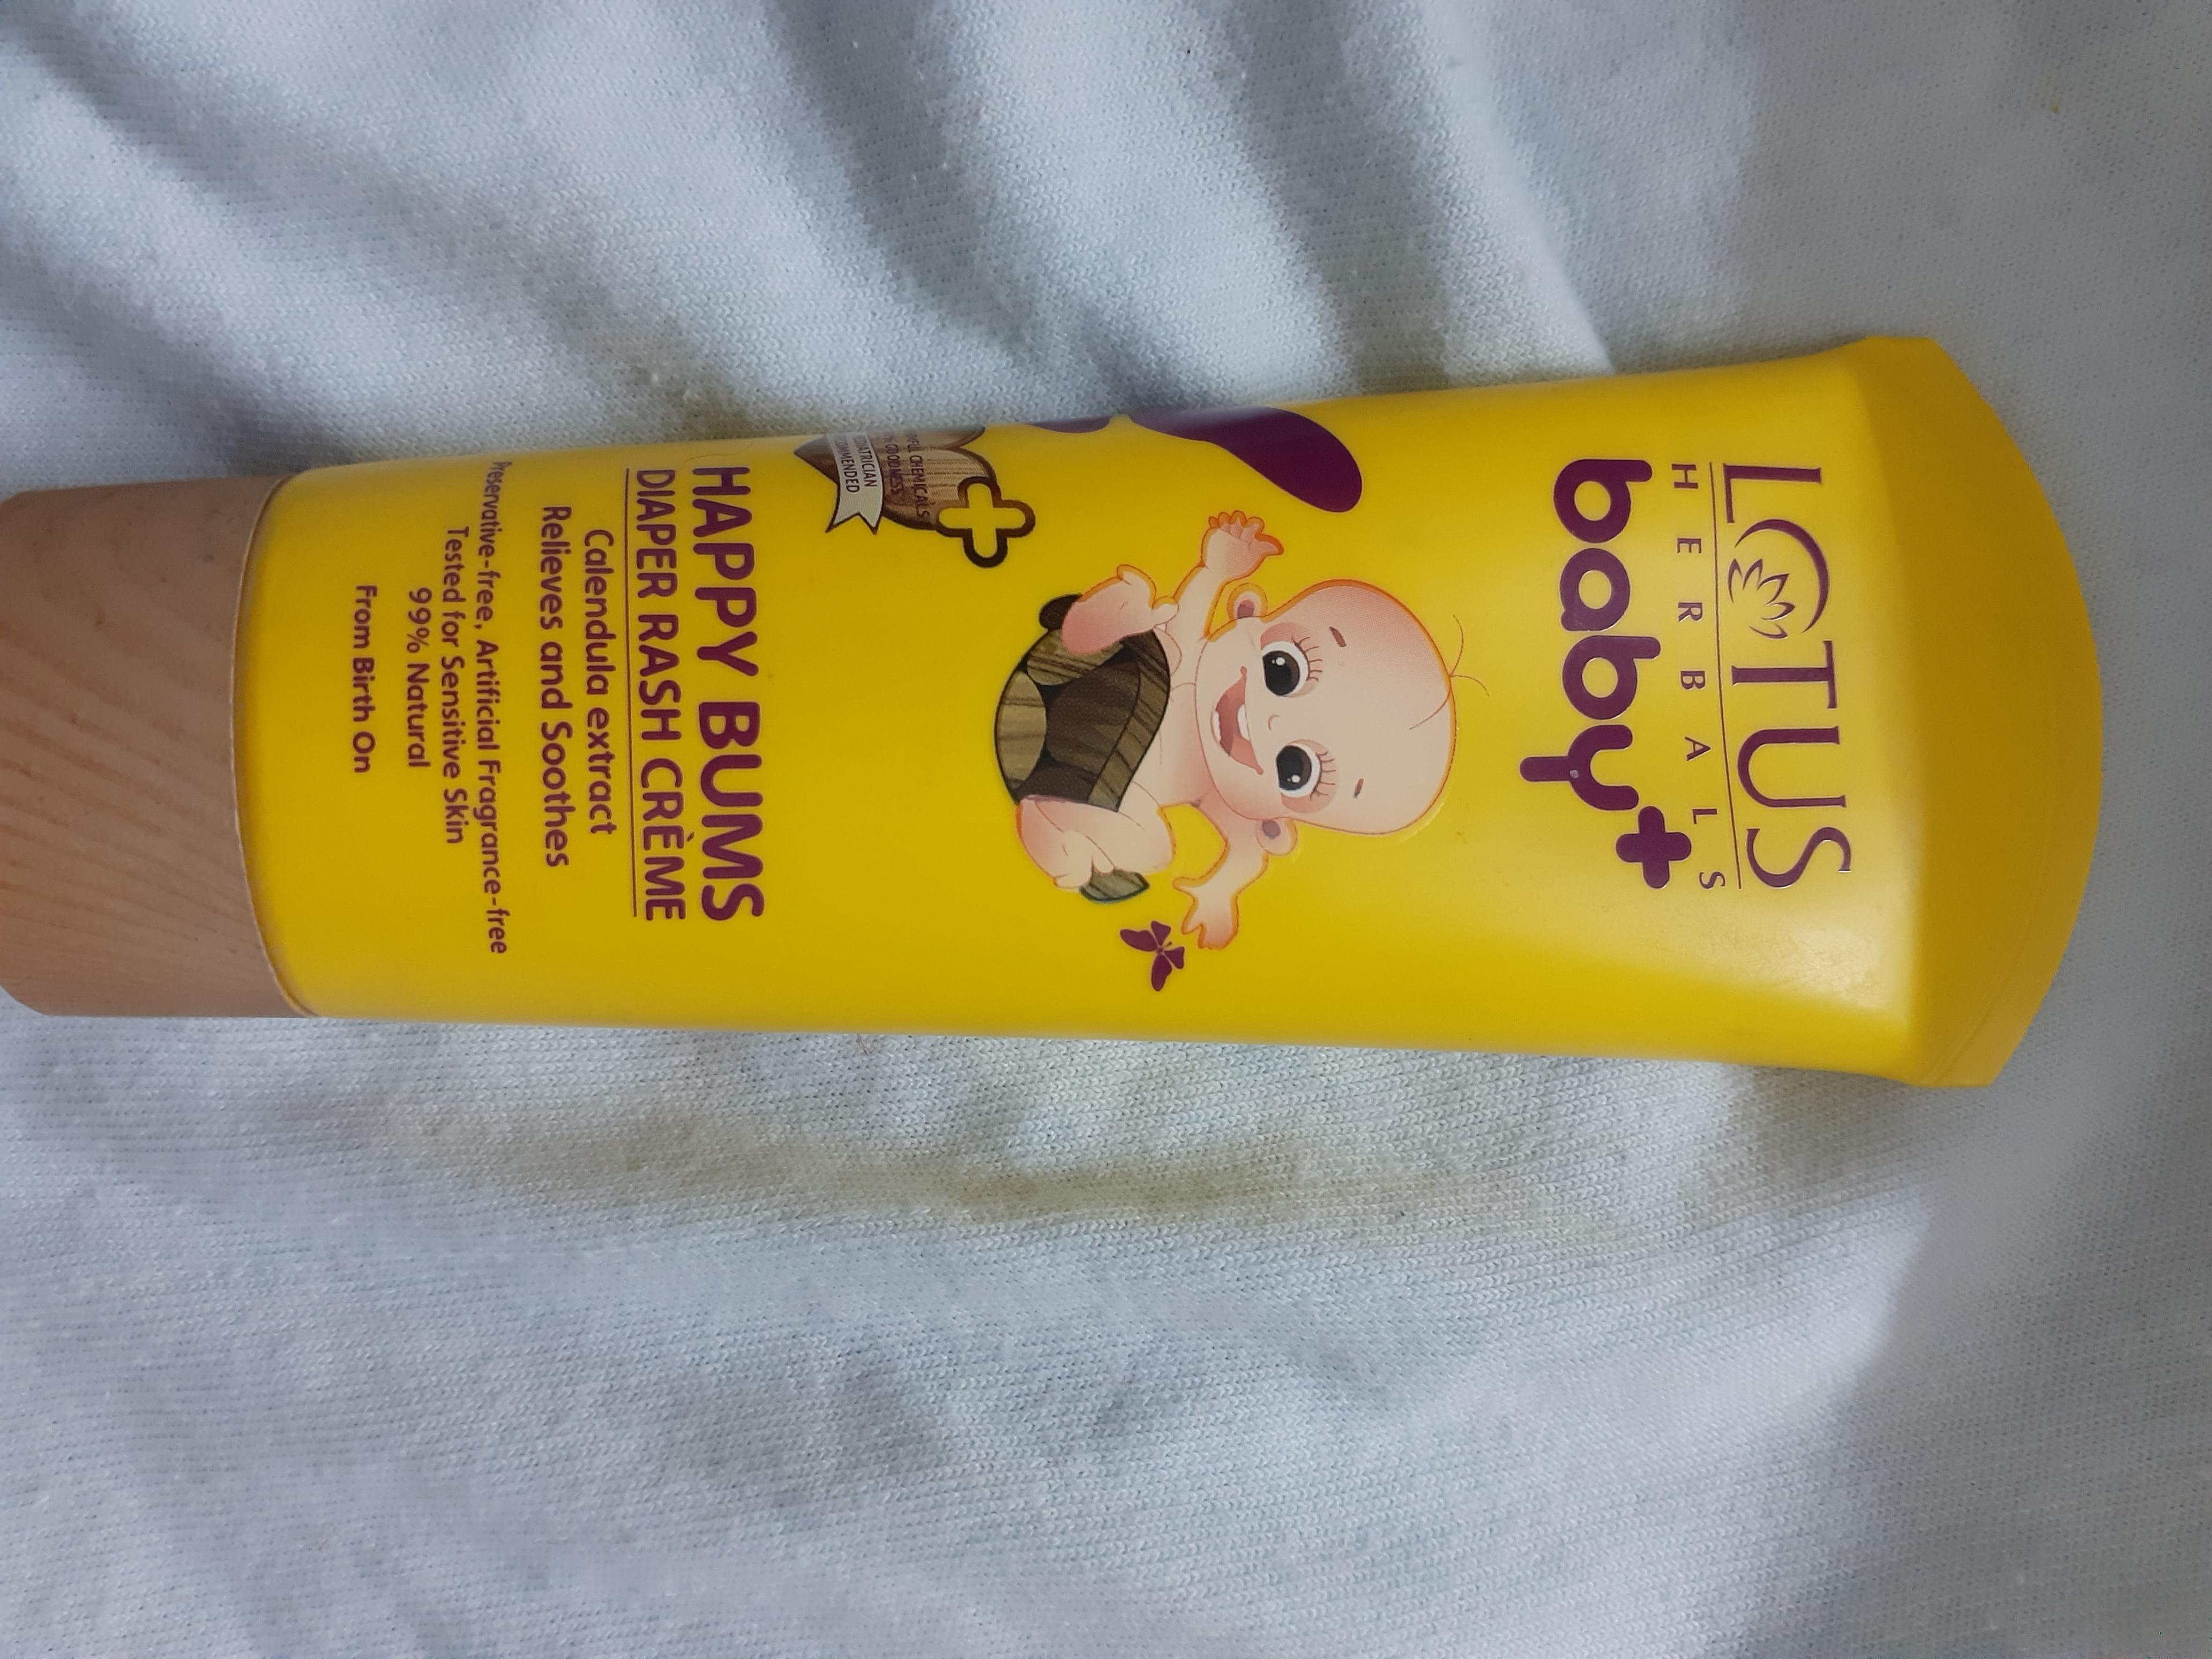 Lotus Herbals baby+ Happy Bums Diaper Rash Crème-Happy buns diaper rash cream-By jayathapa278